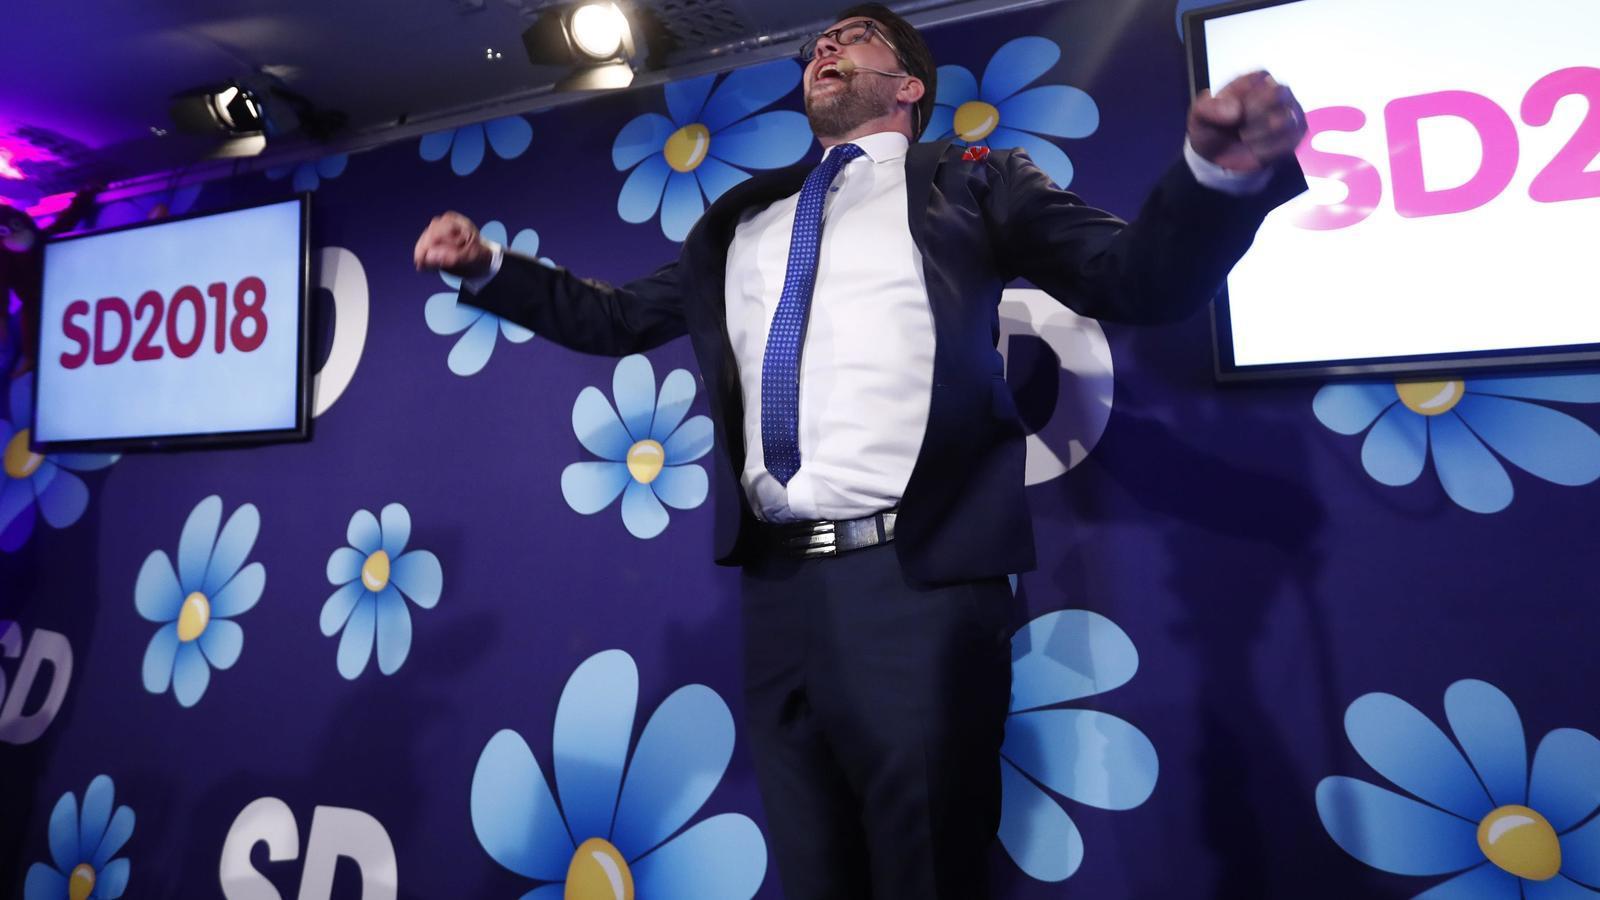 L'ultra SD de Jimmie Åkesson saltant d'alegria en conèixer l'augment del suport obtingut / INTS KALNINS / REUTERS